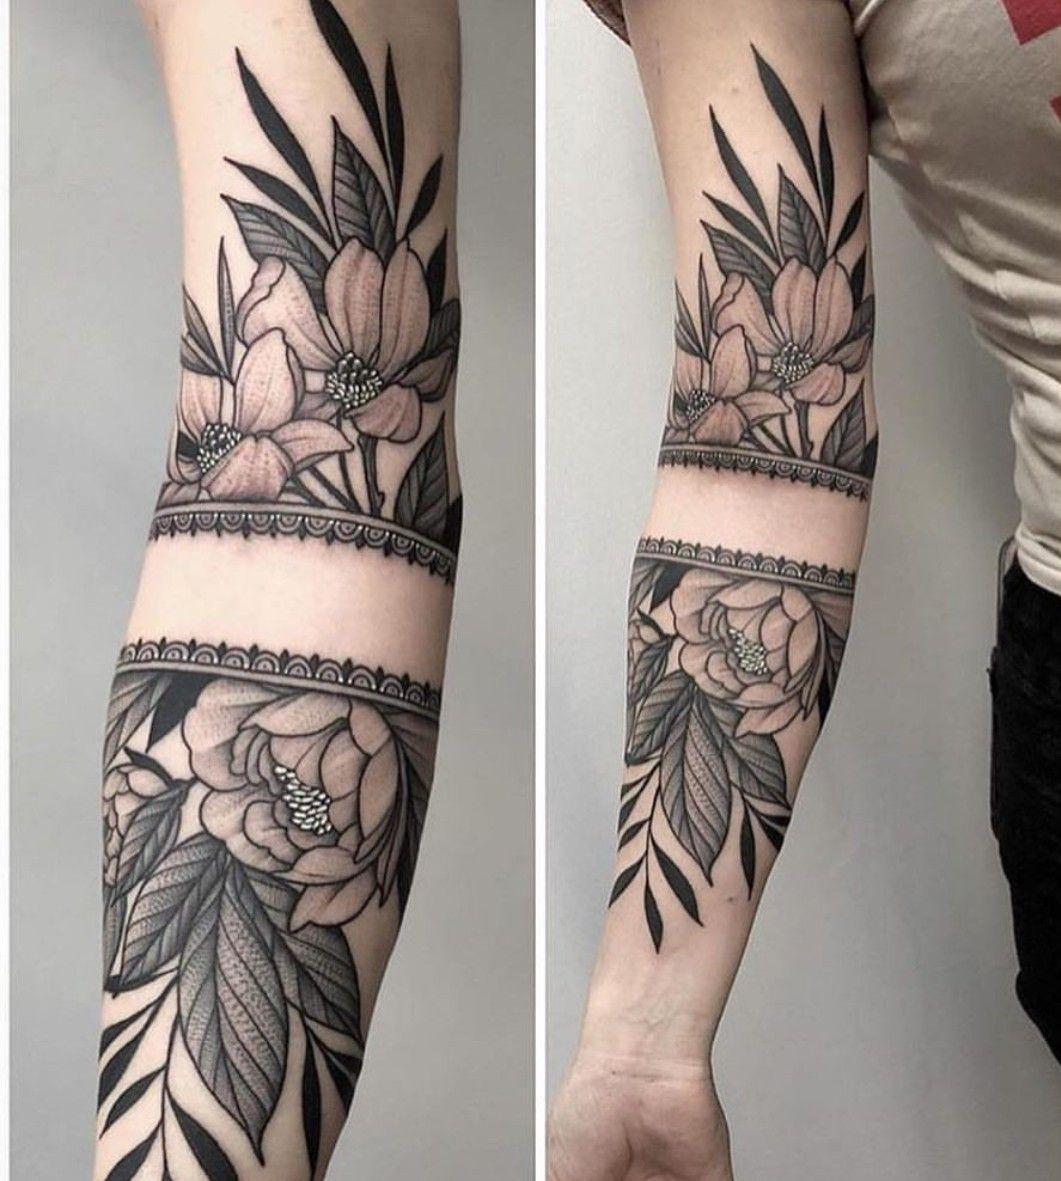 Flower tattoo Tatuagem de flor braço feminino Tatuagem